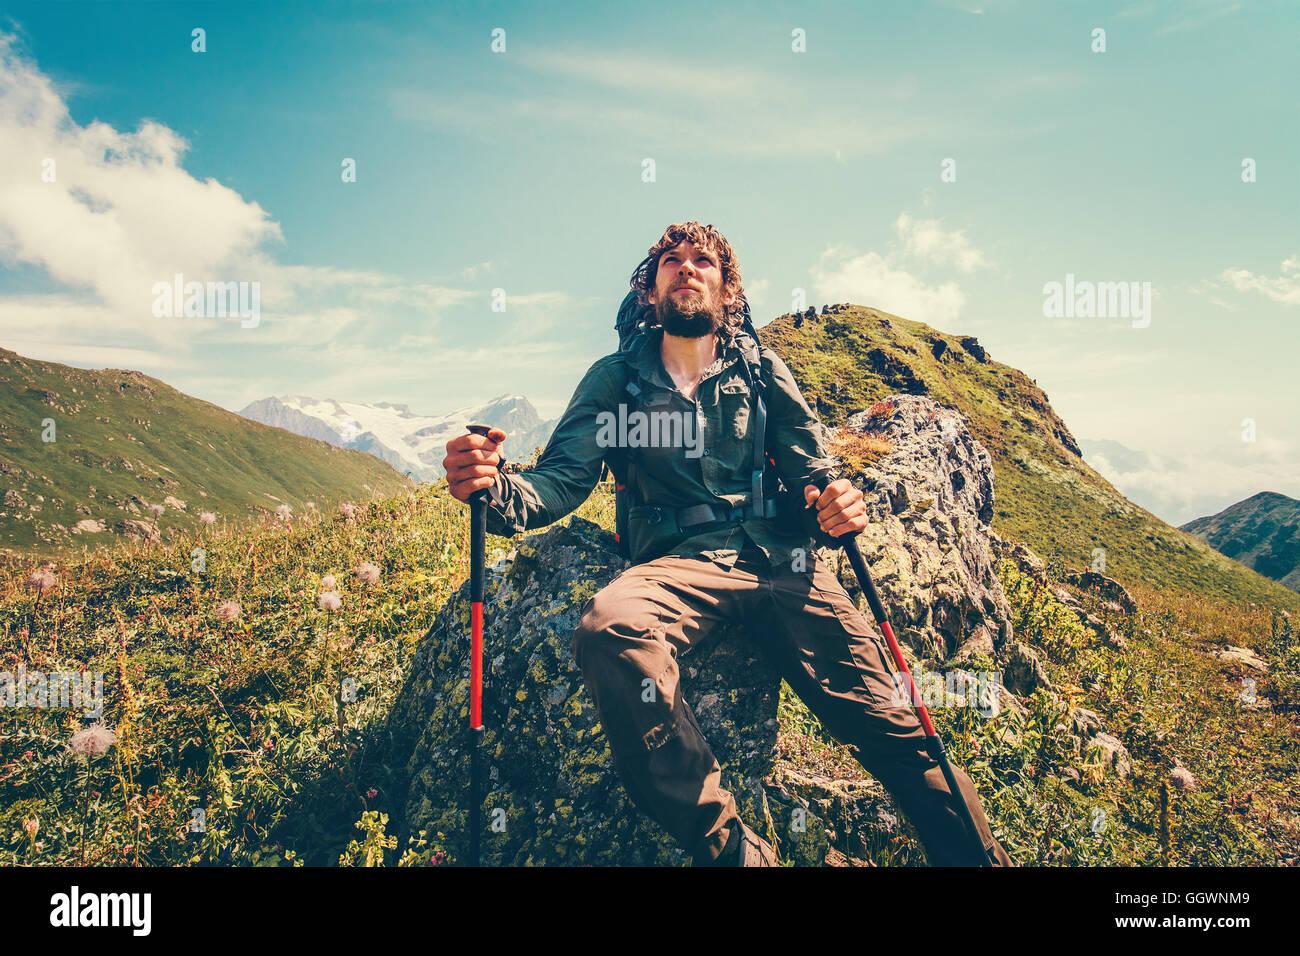 Hombre mochilero con caminatas relajantes polacos viajan concepto de estilo de vida en el paisaje de las montañas de fondo vacaciones de aventura aventajar Foto de stock